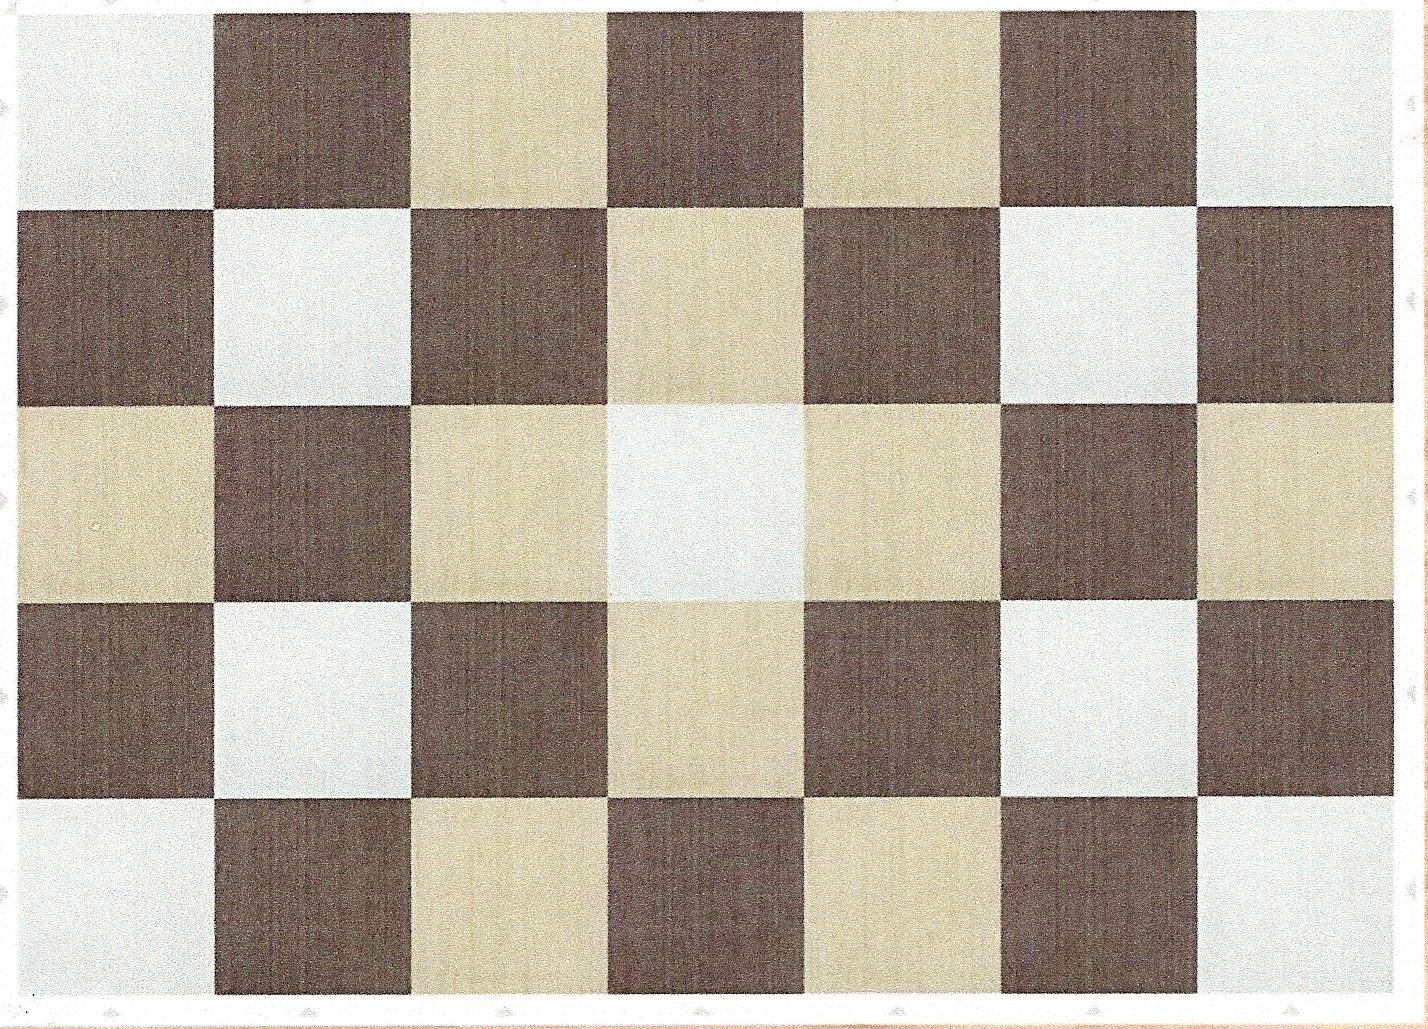 Kitchen Floor Tiles Texture Viewing Gallery